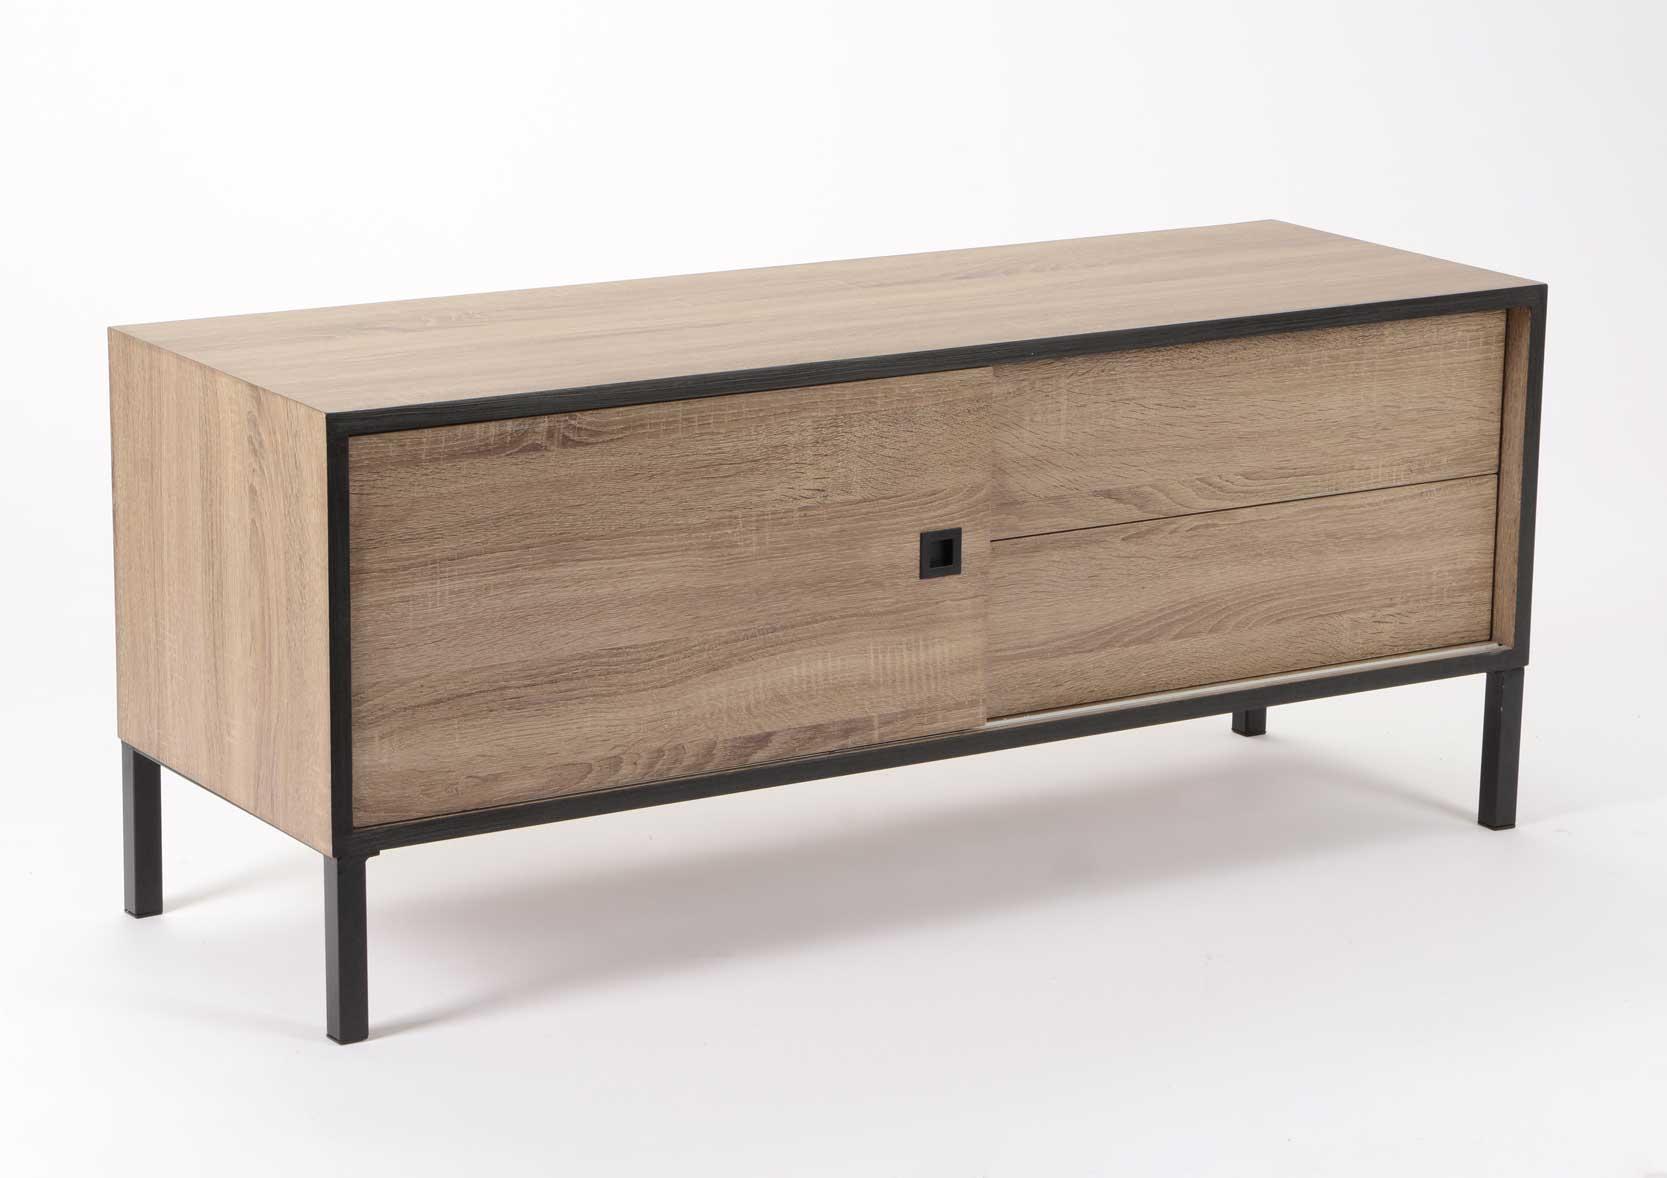 meuble t l avec armatures m tal. Black Bedroom Furniture Sets. Home Design Ideas